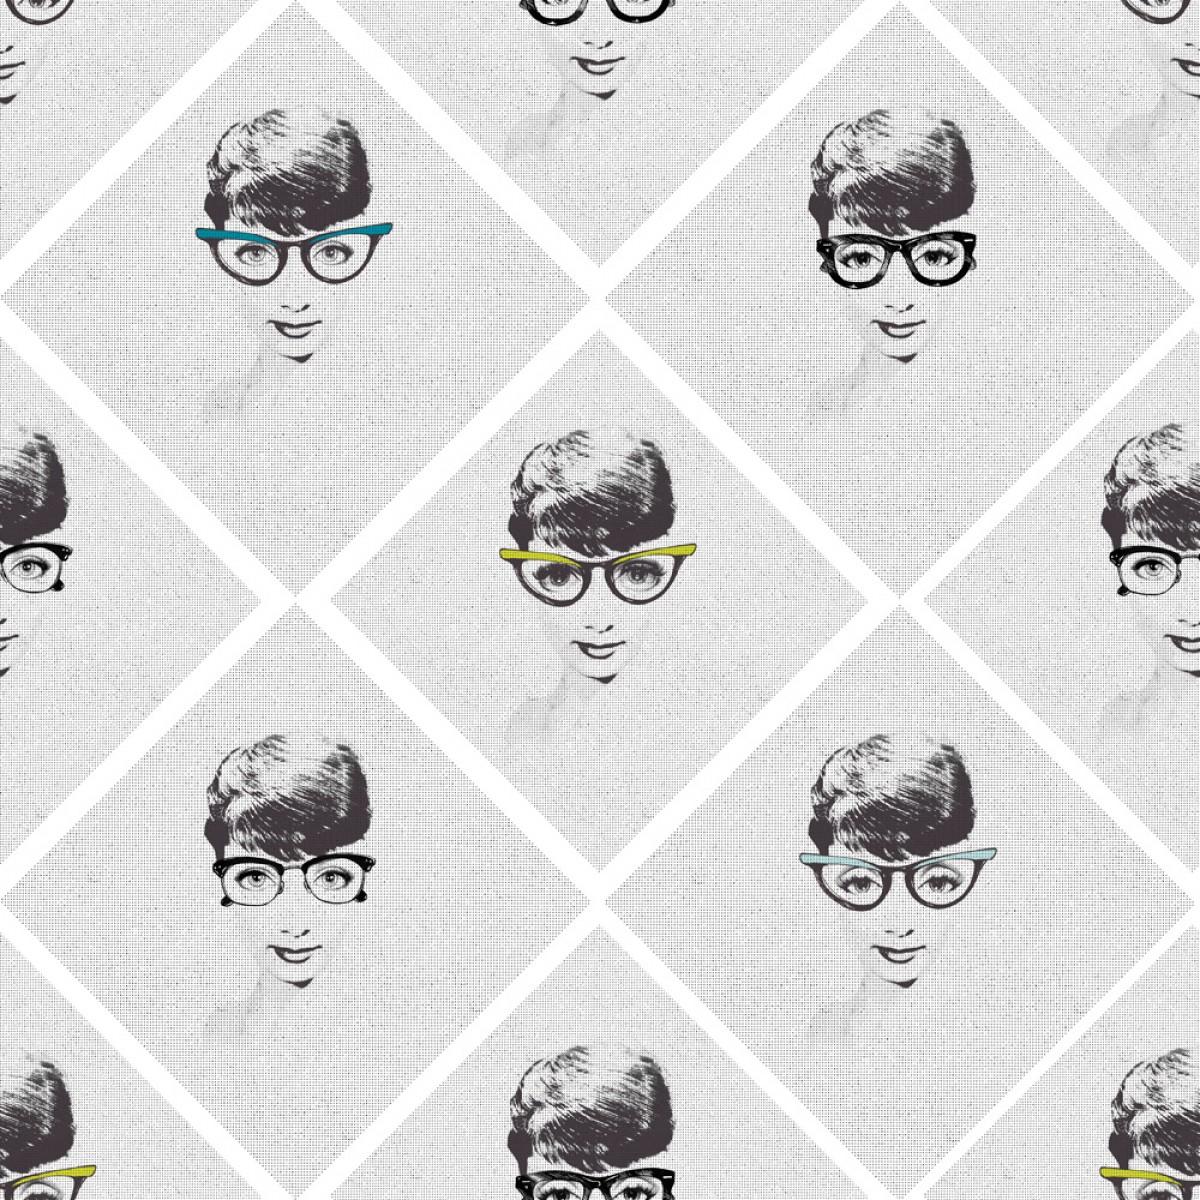 Tapet designer Illusions Female Illusion, MINDTHEGAP